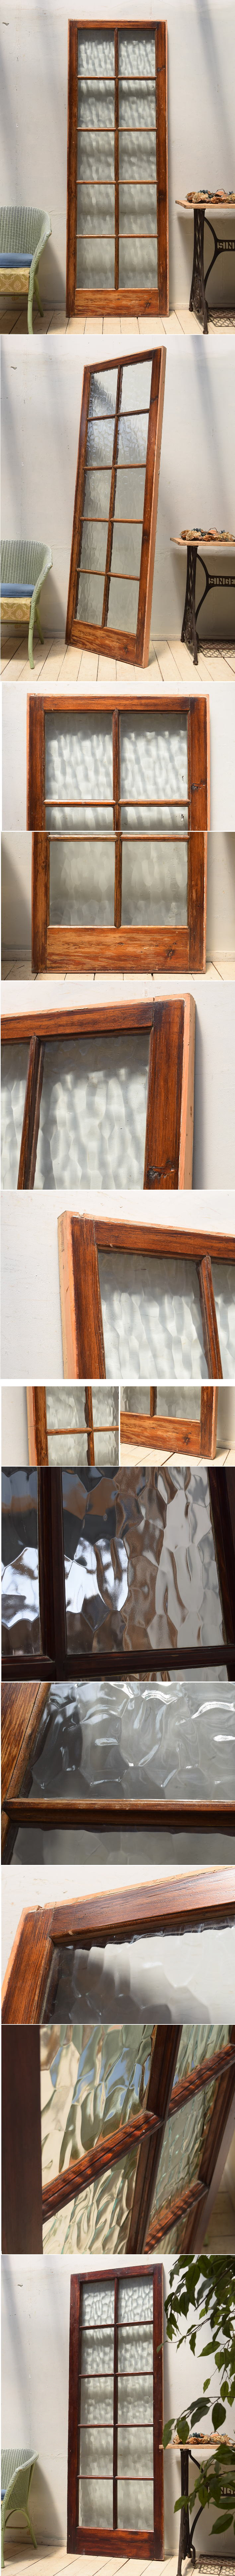 イギリス アンティーク ガラス間仕切り 扉 ディスプレイ 建具 4025